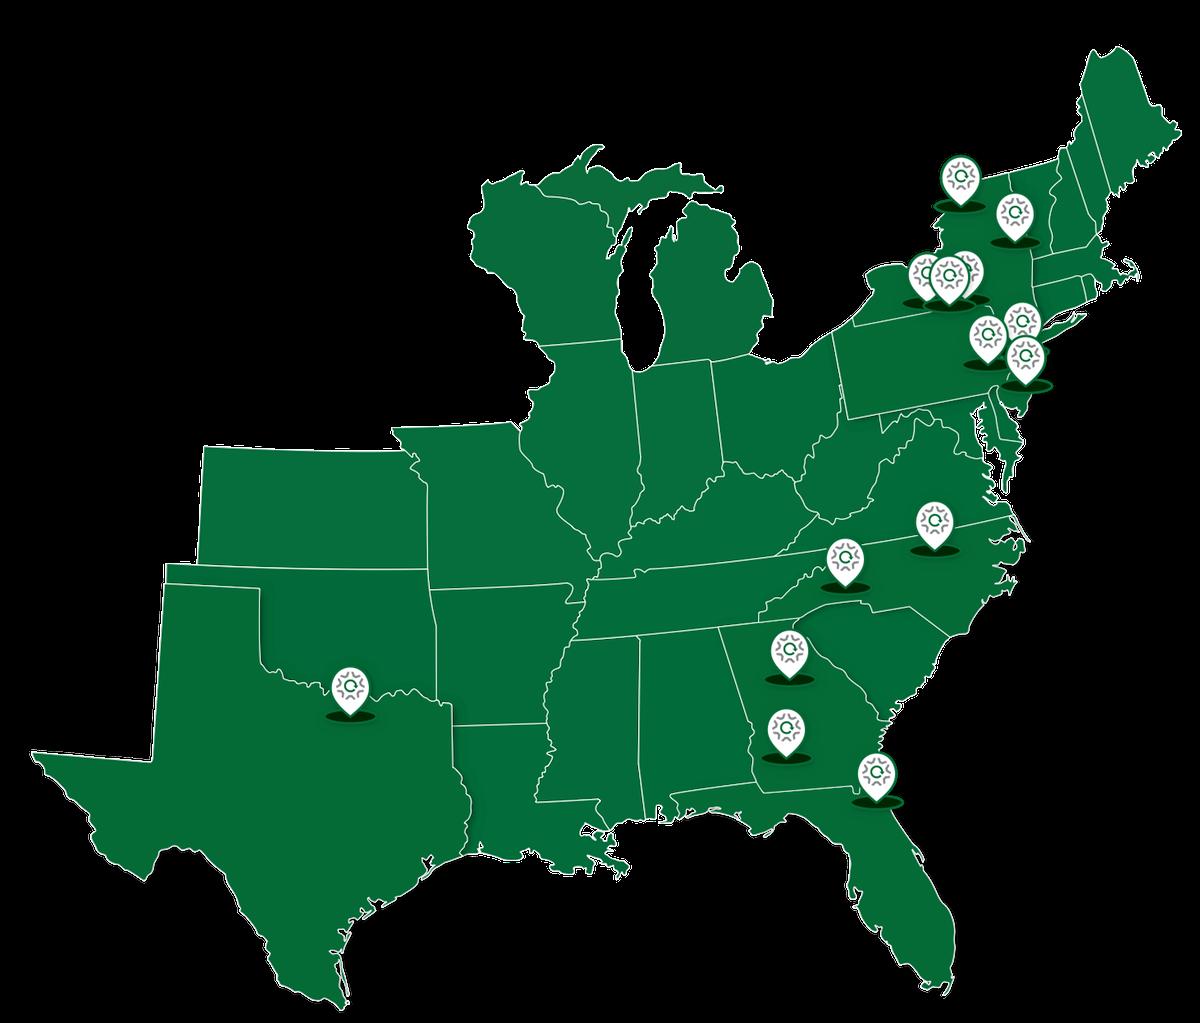 Map design for Fenix Parts